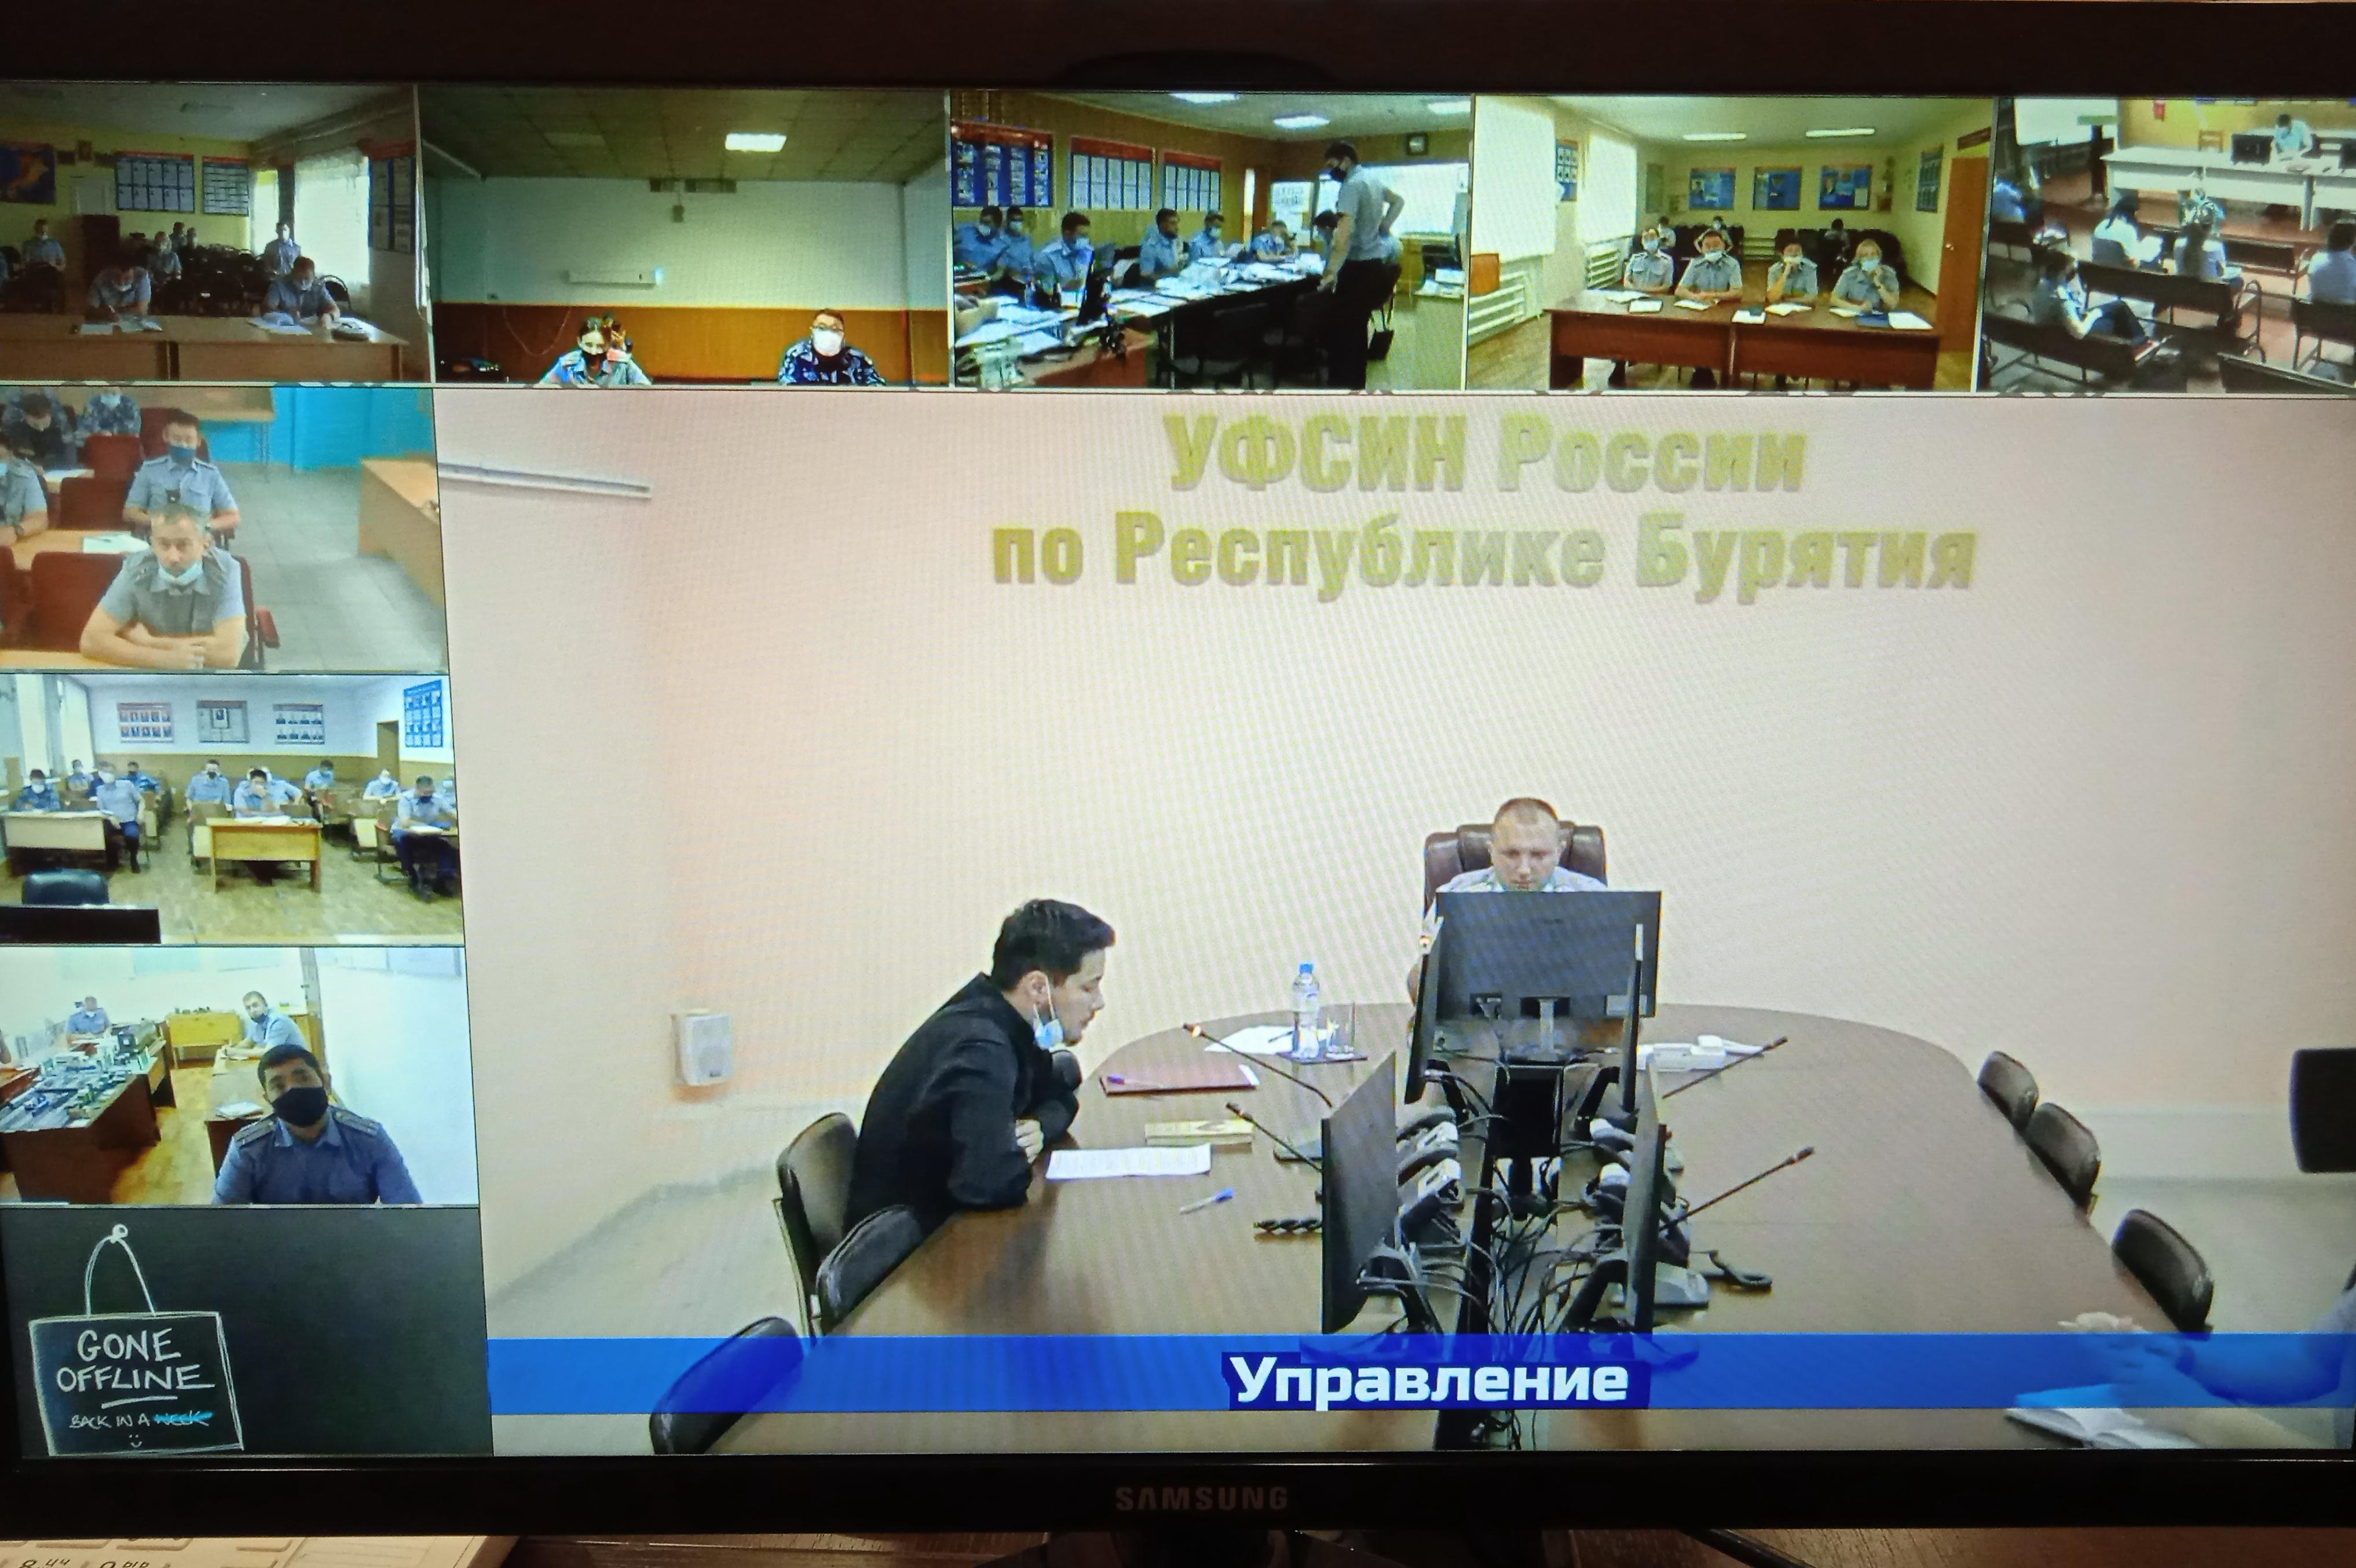 В УФСИН России по Республике Бурятия прошло занятие для сотрудников по противодействию идеологии терроризма